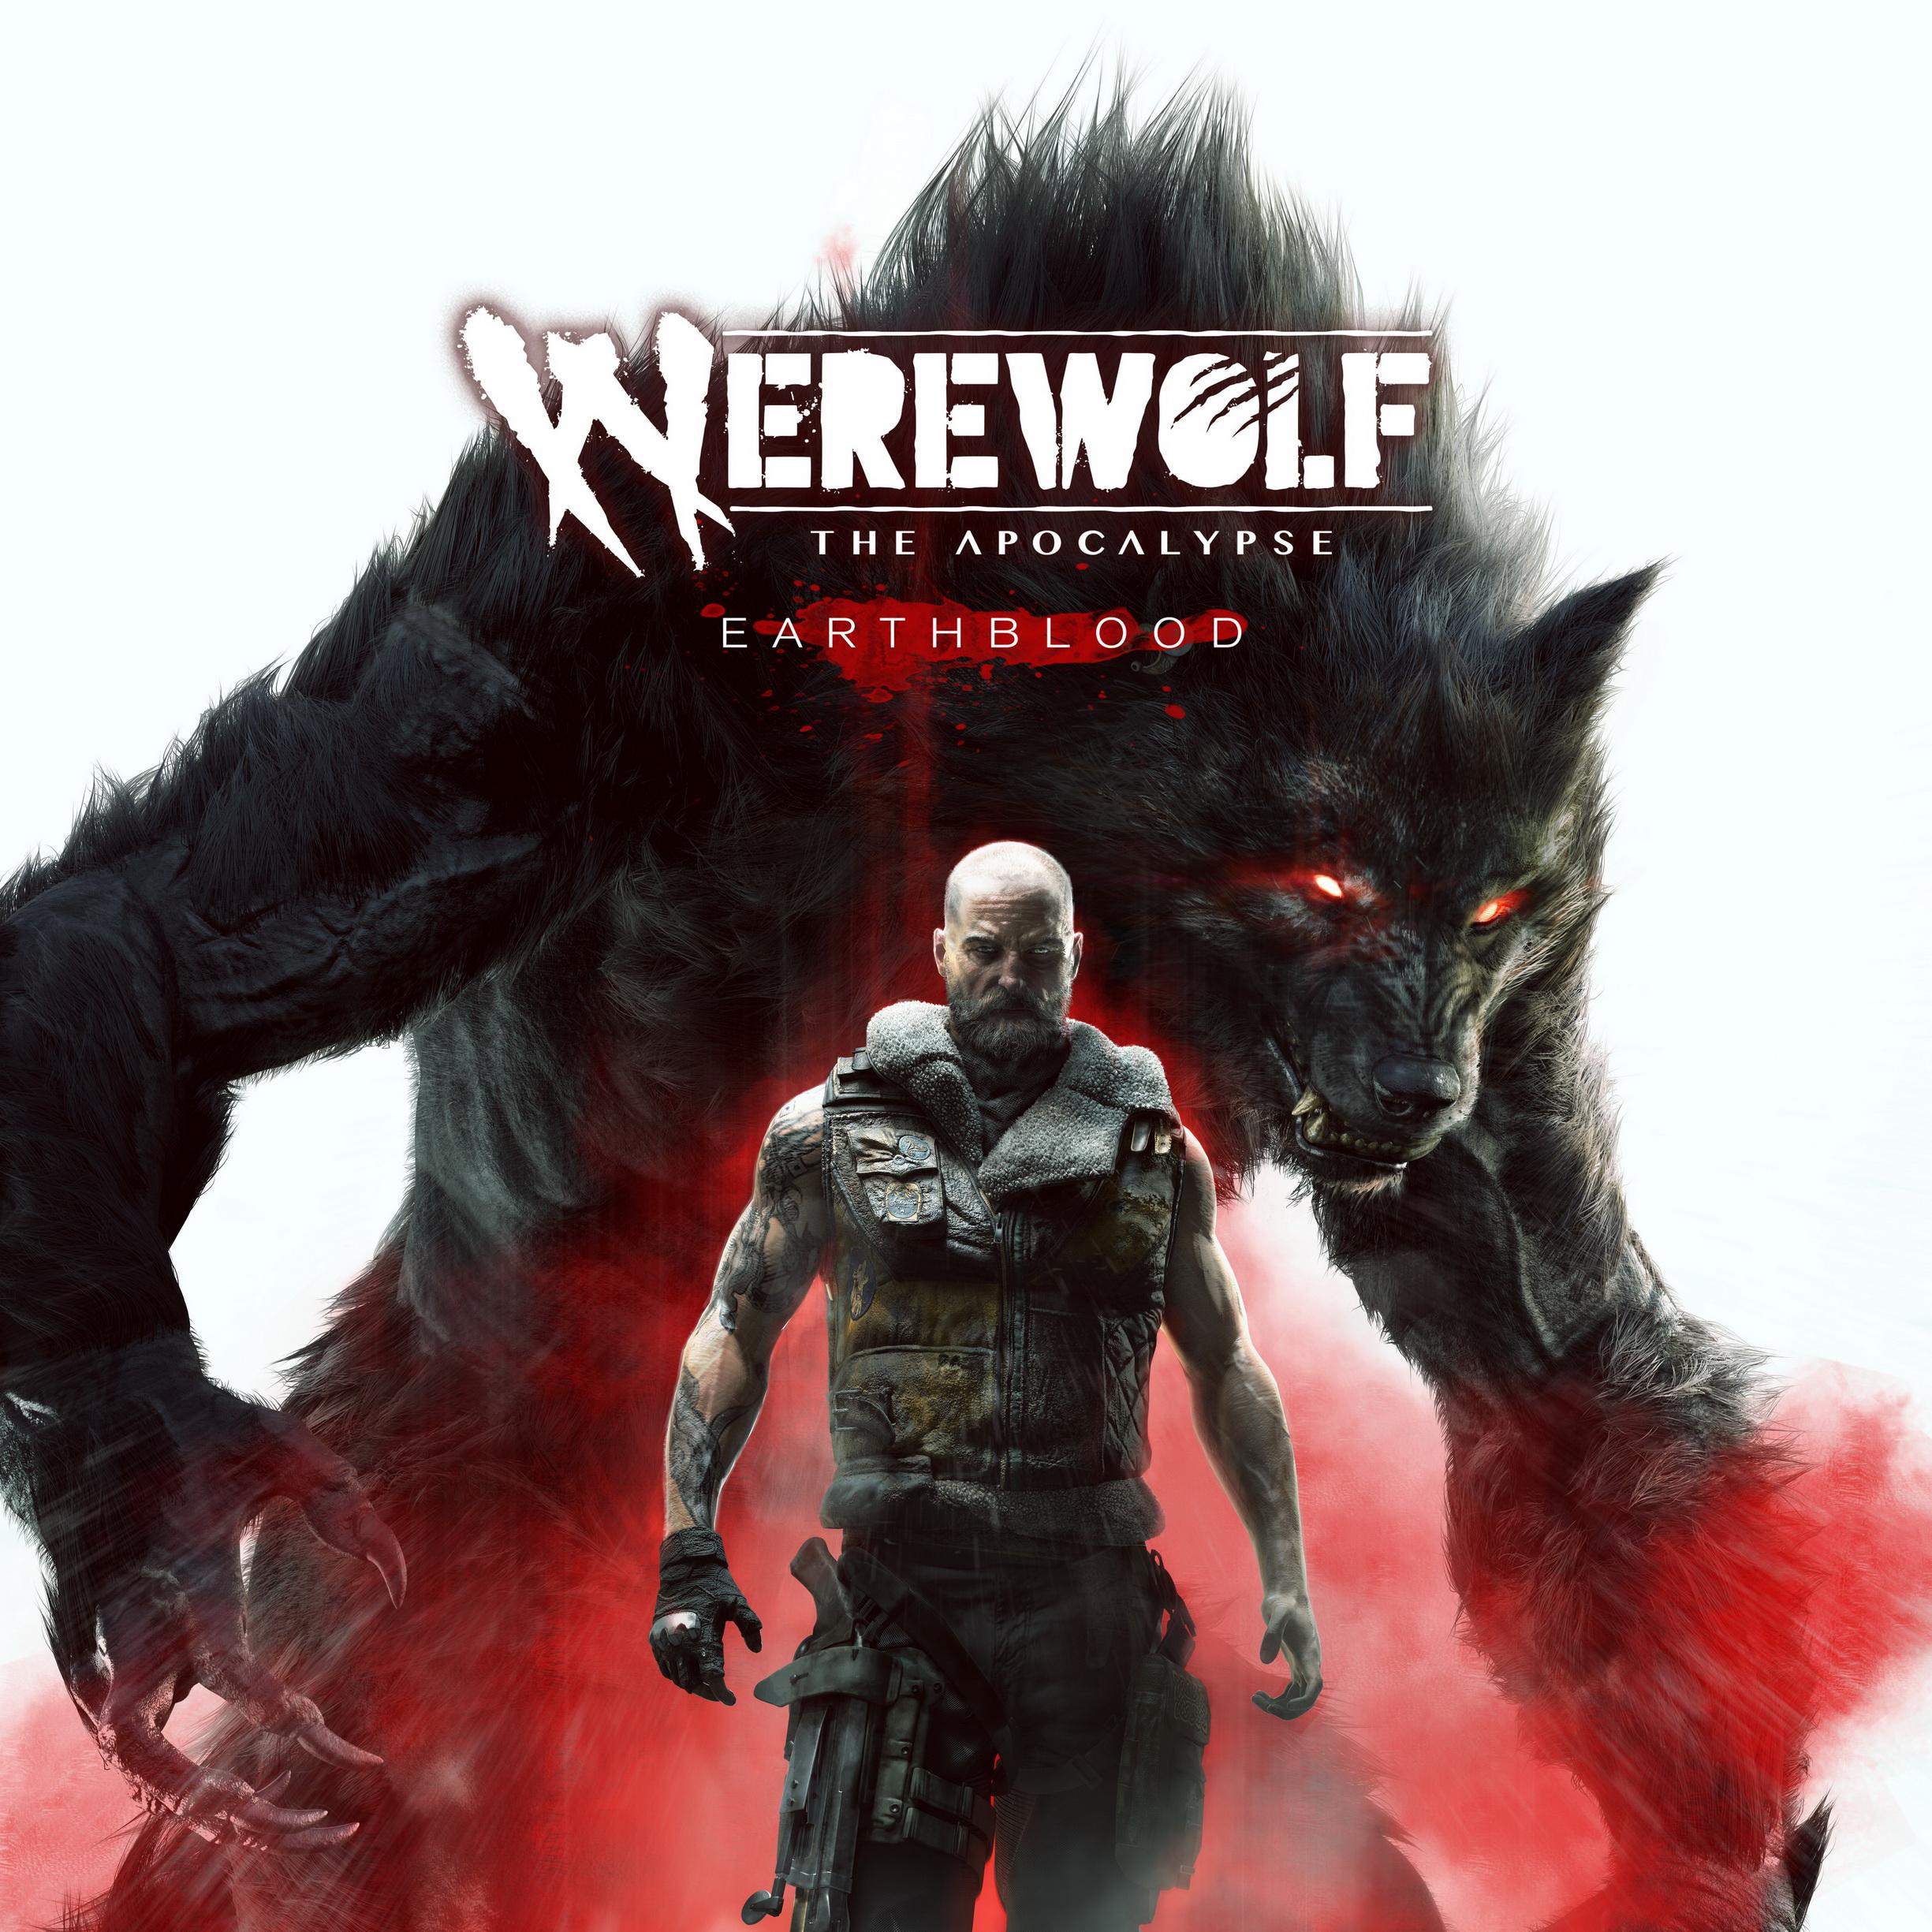 werewolf the apocalypse earthblood